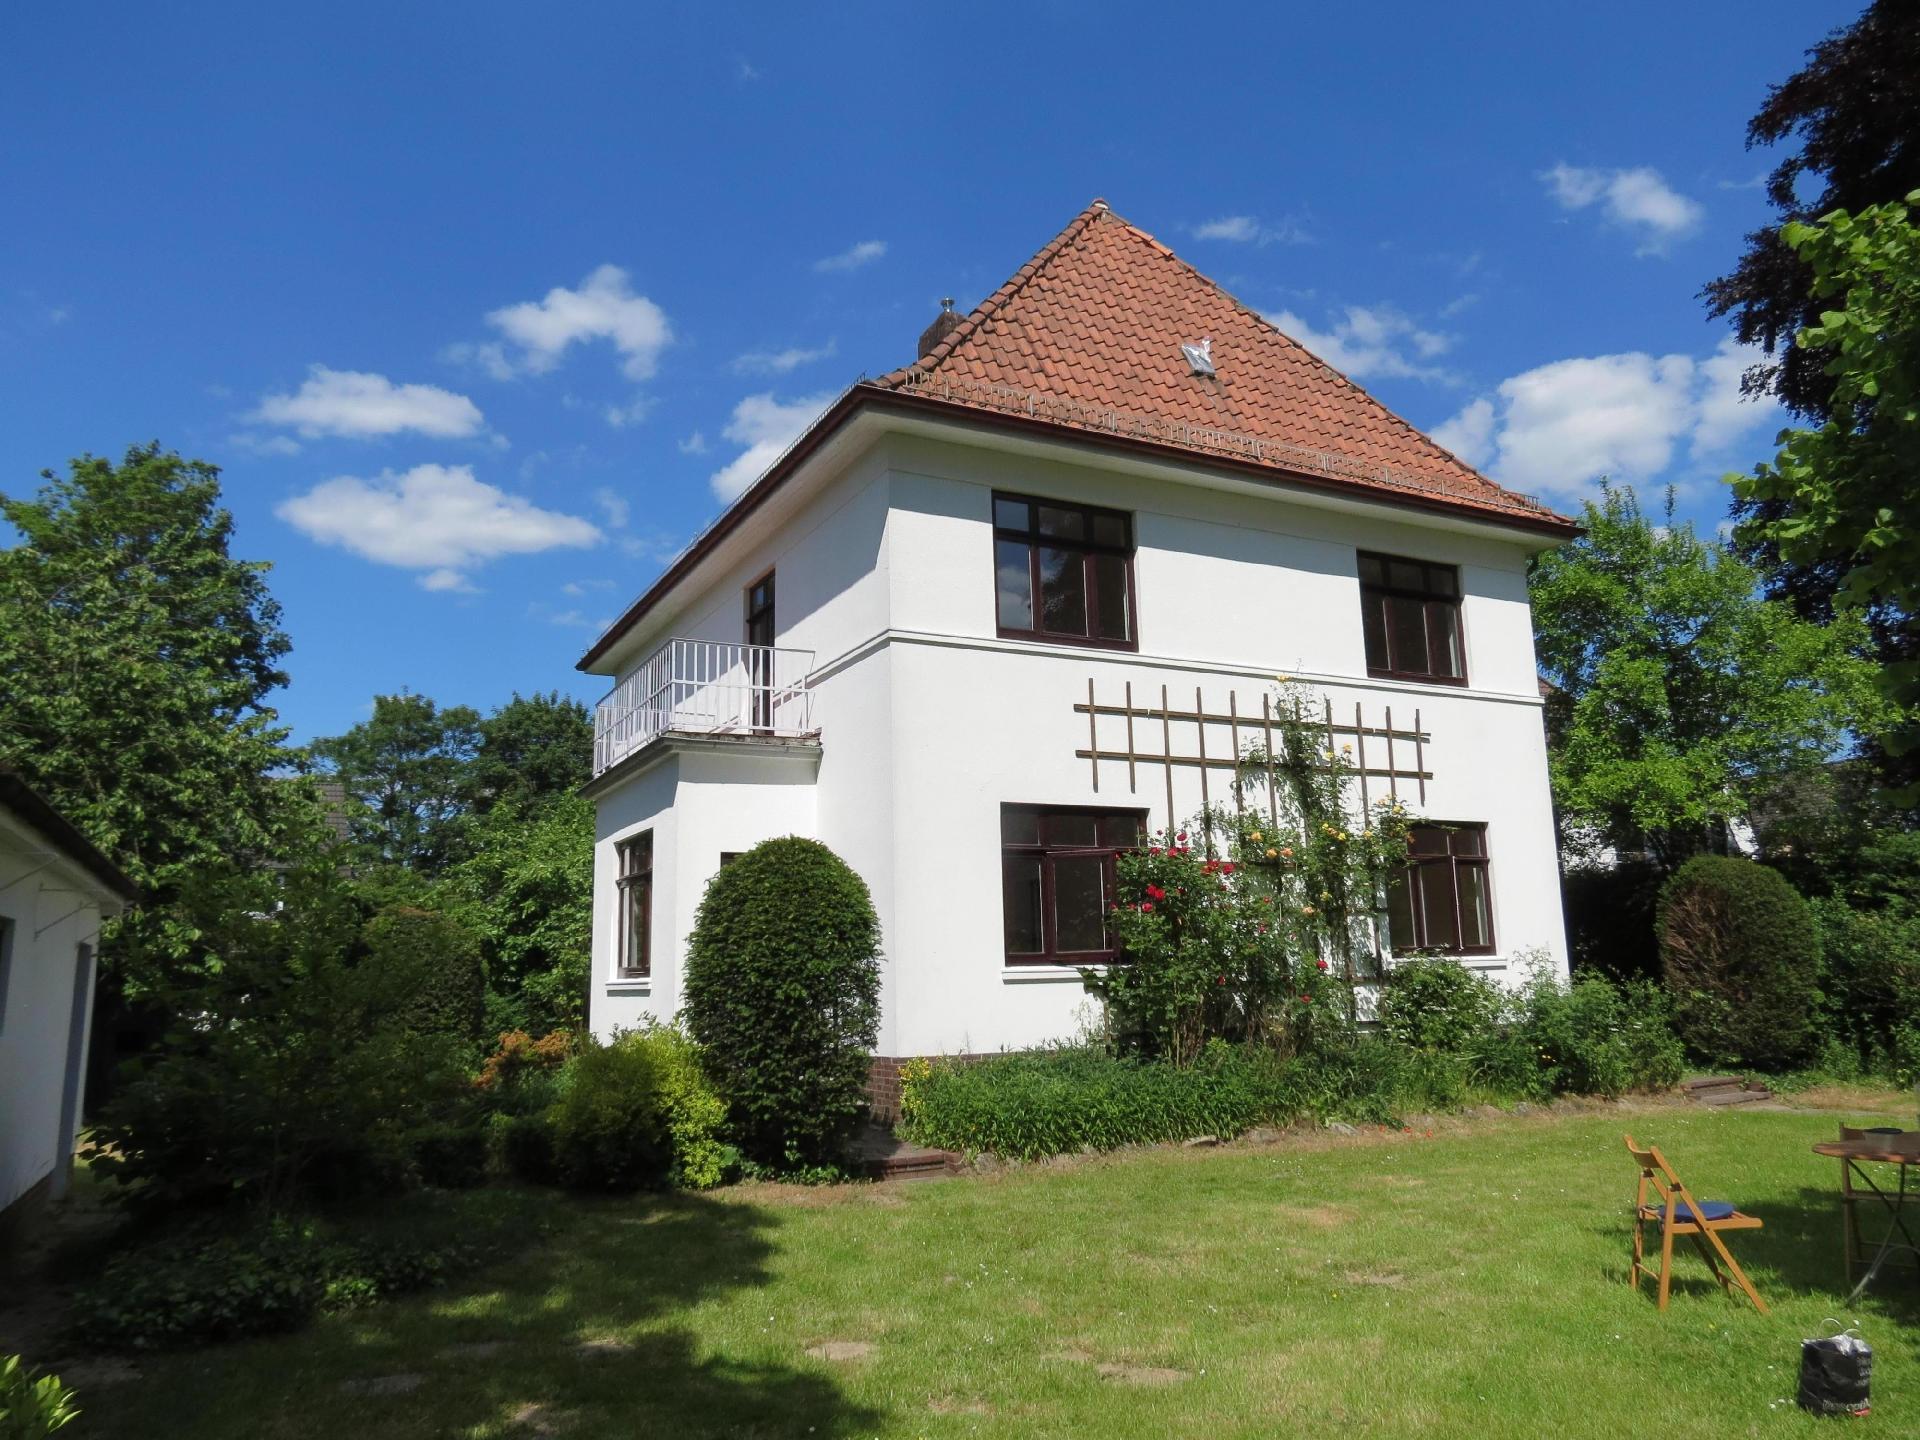 Haus der Wohnstile